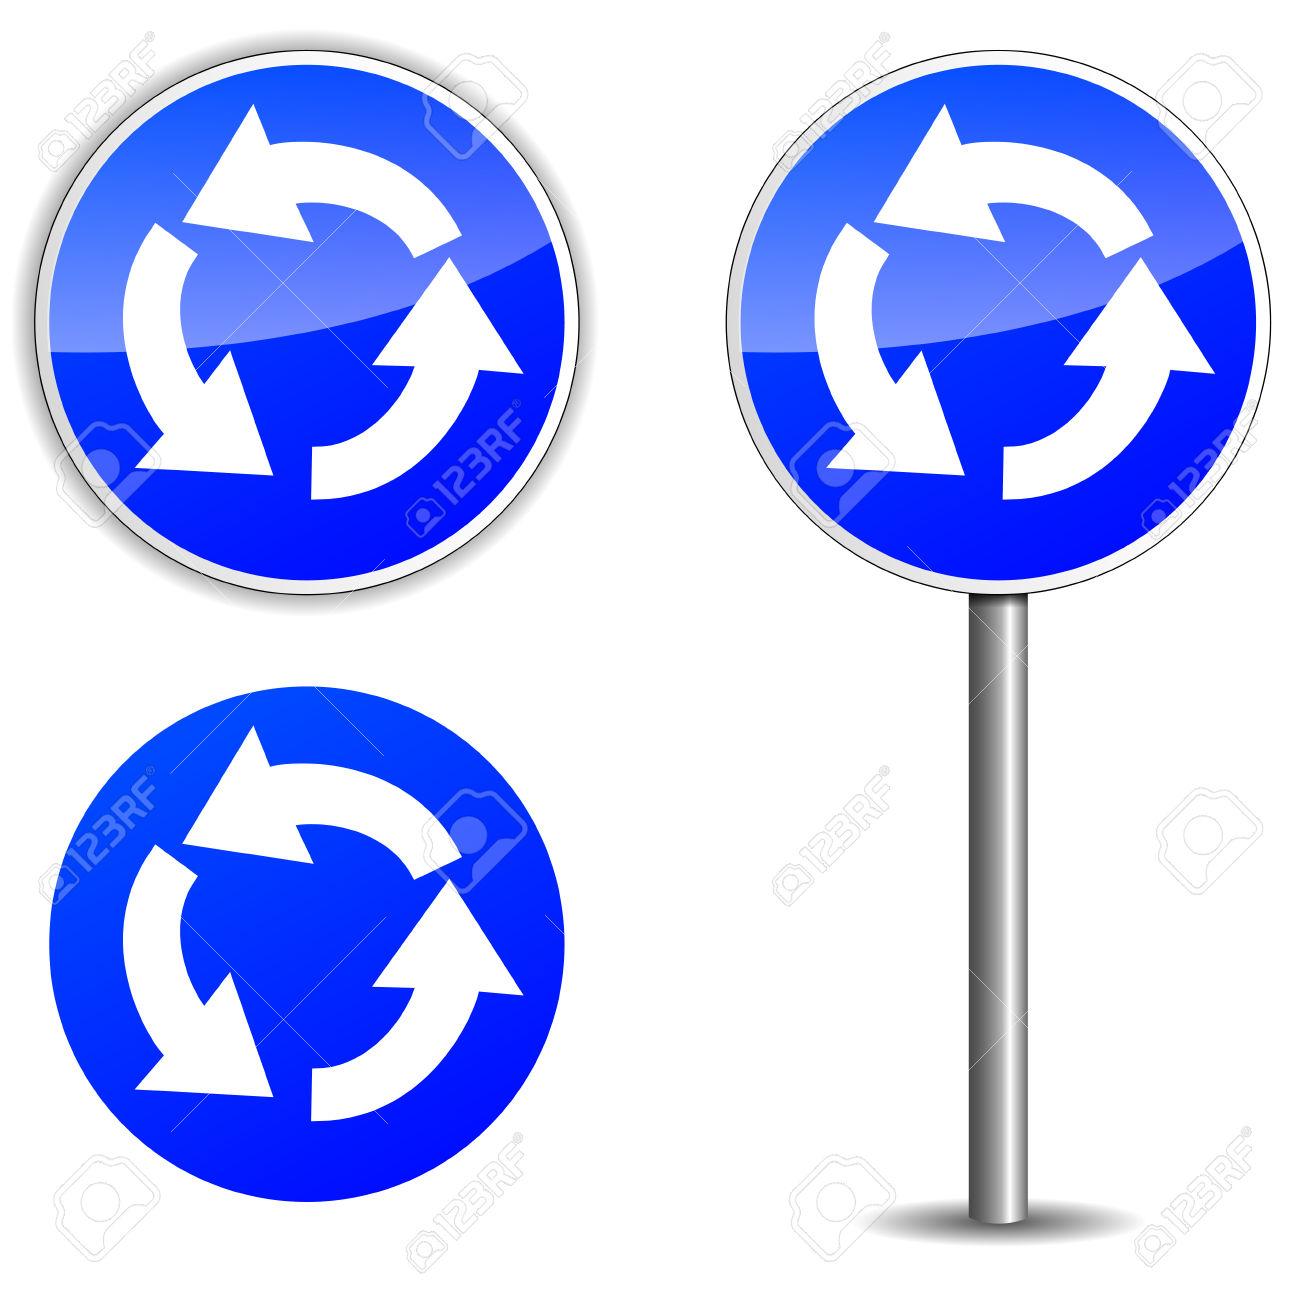 Vector Illustration De Panneau Bleu Rond.